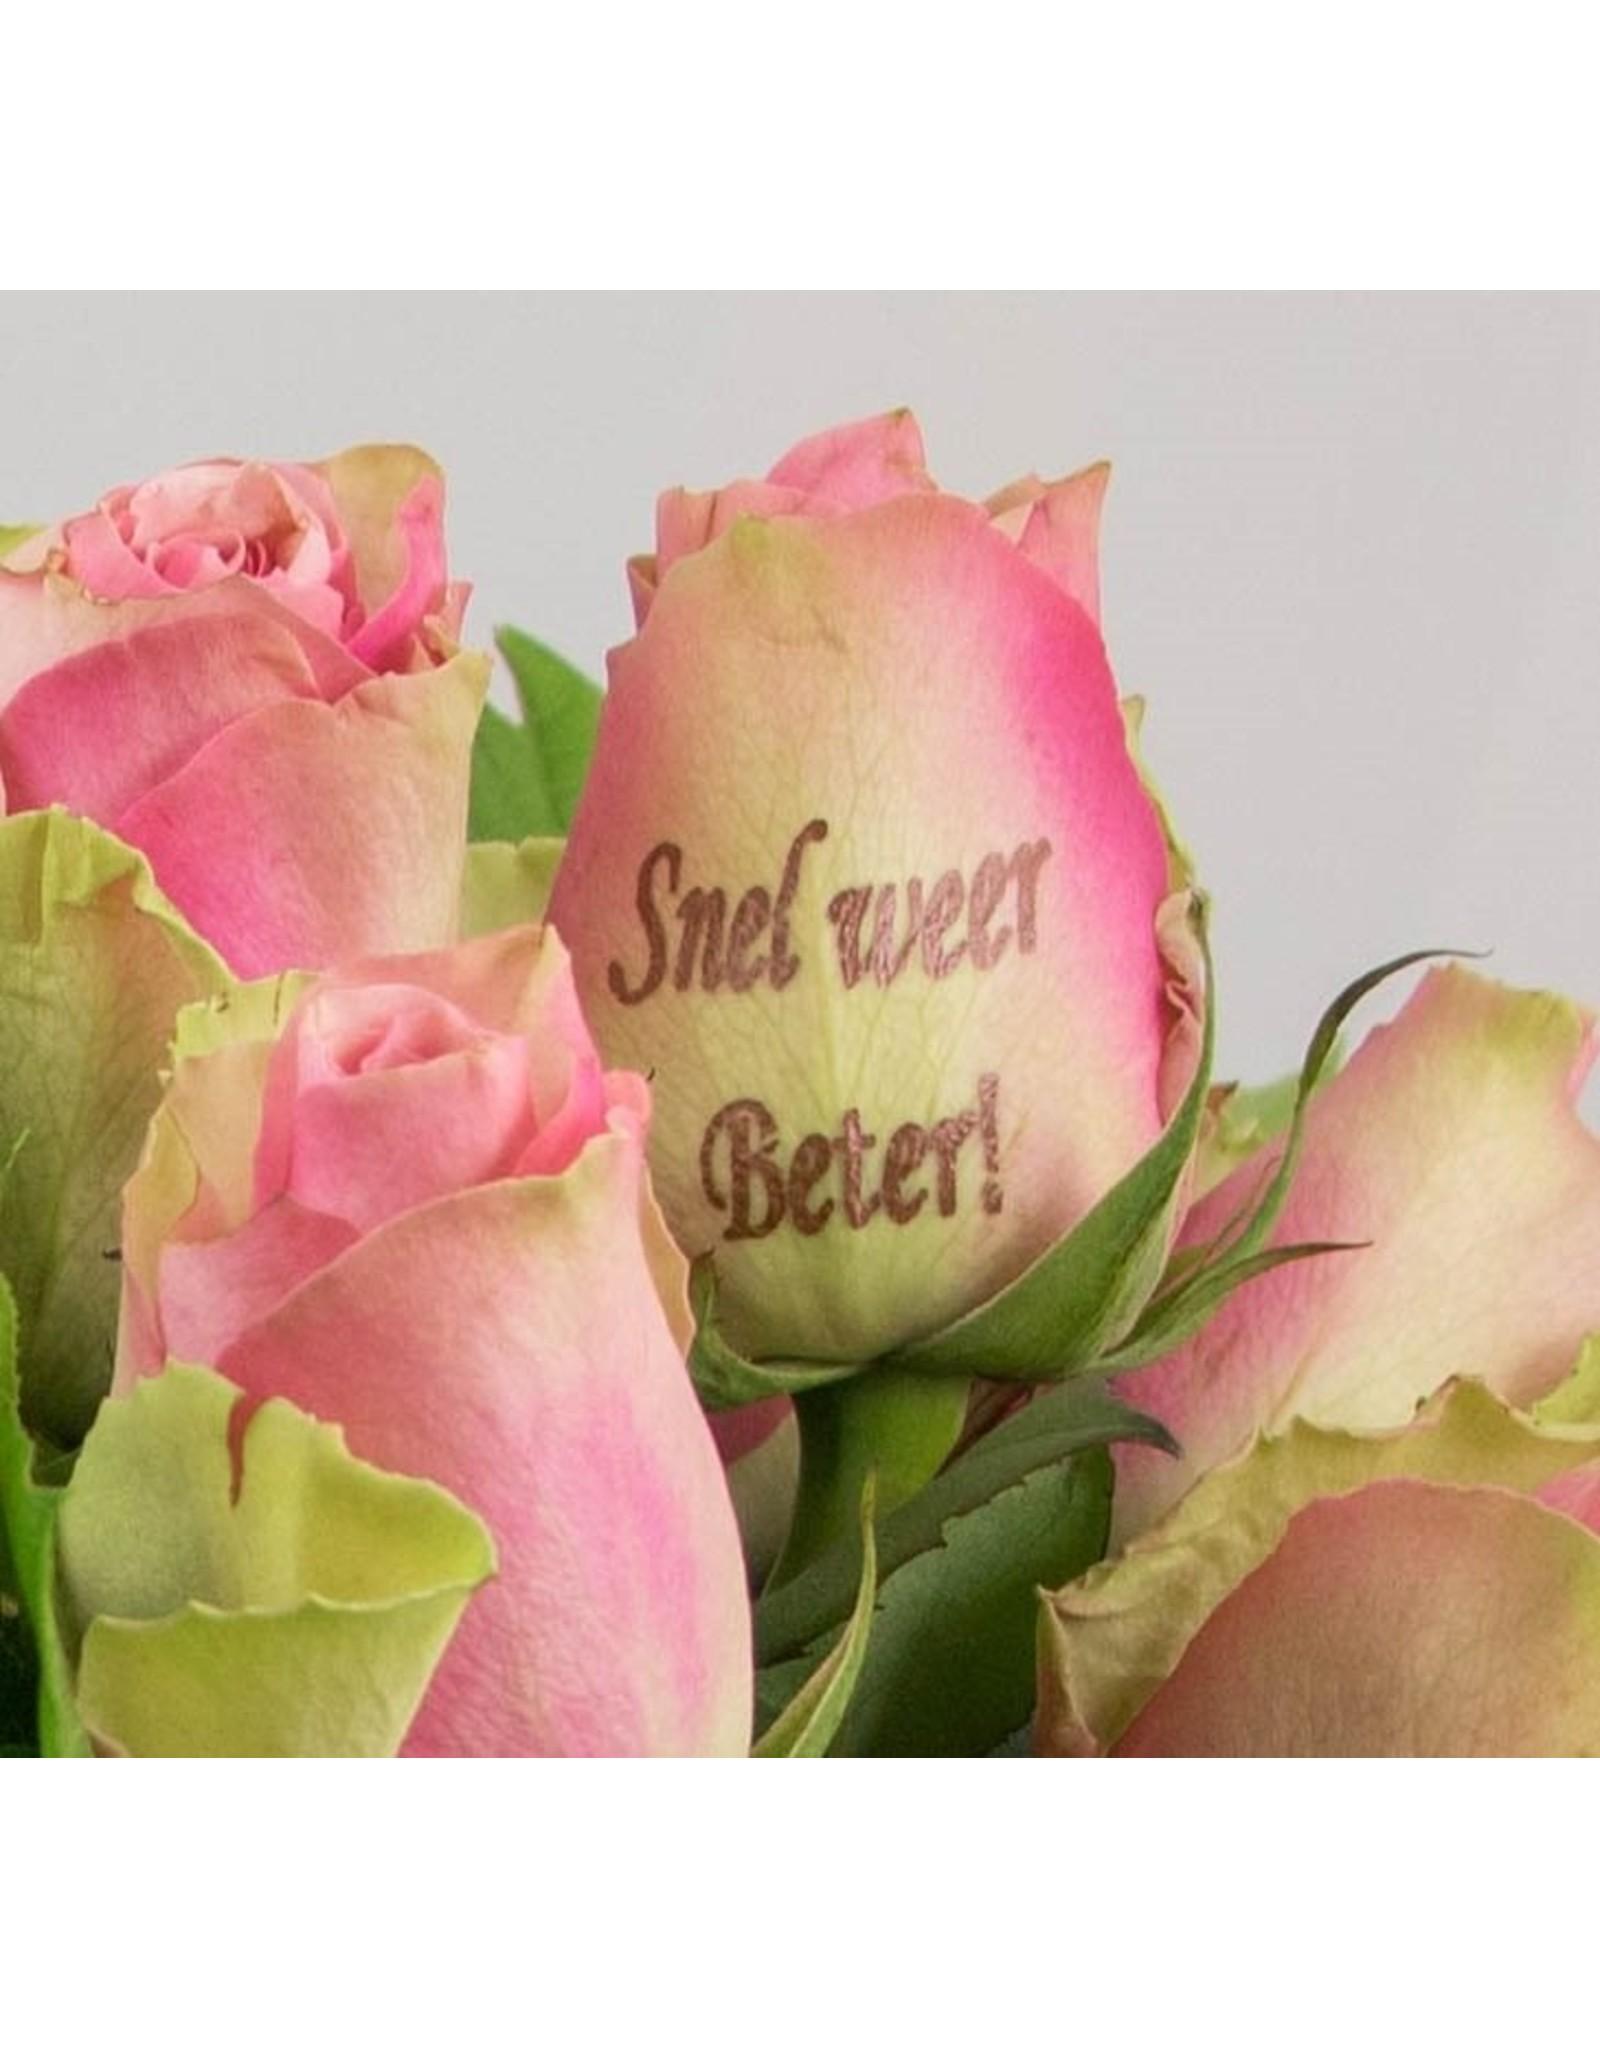 Magic Flowers Boeket 9 rozen - Roze - Snel weer beter